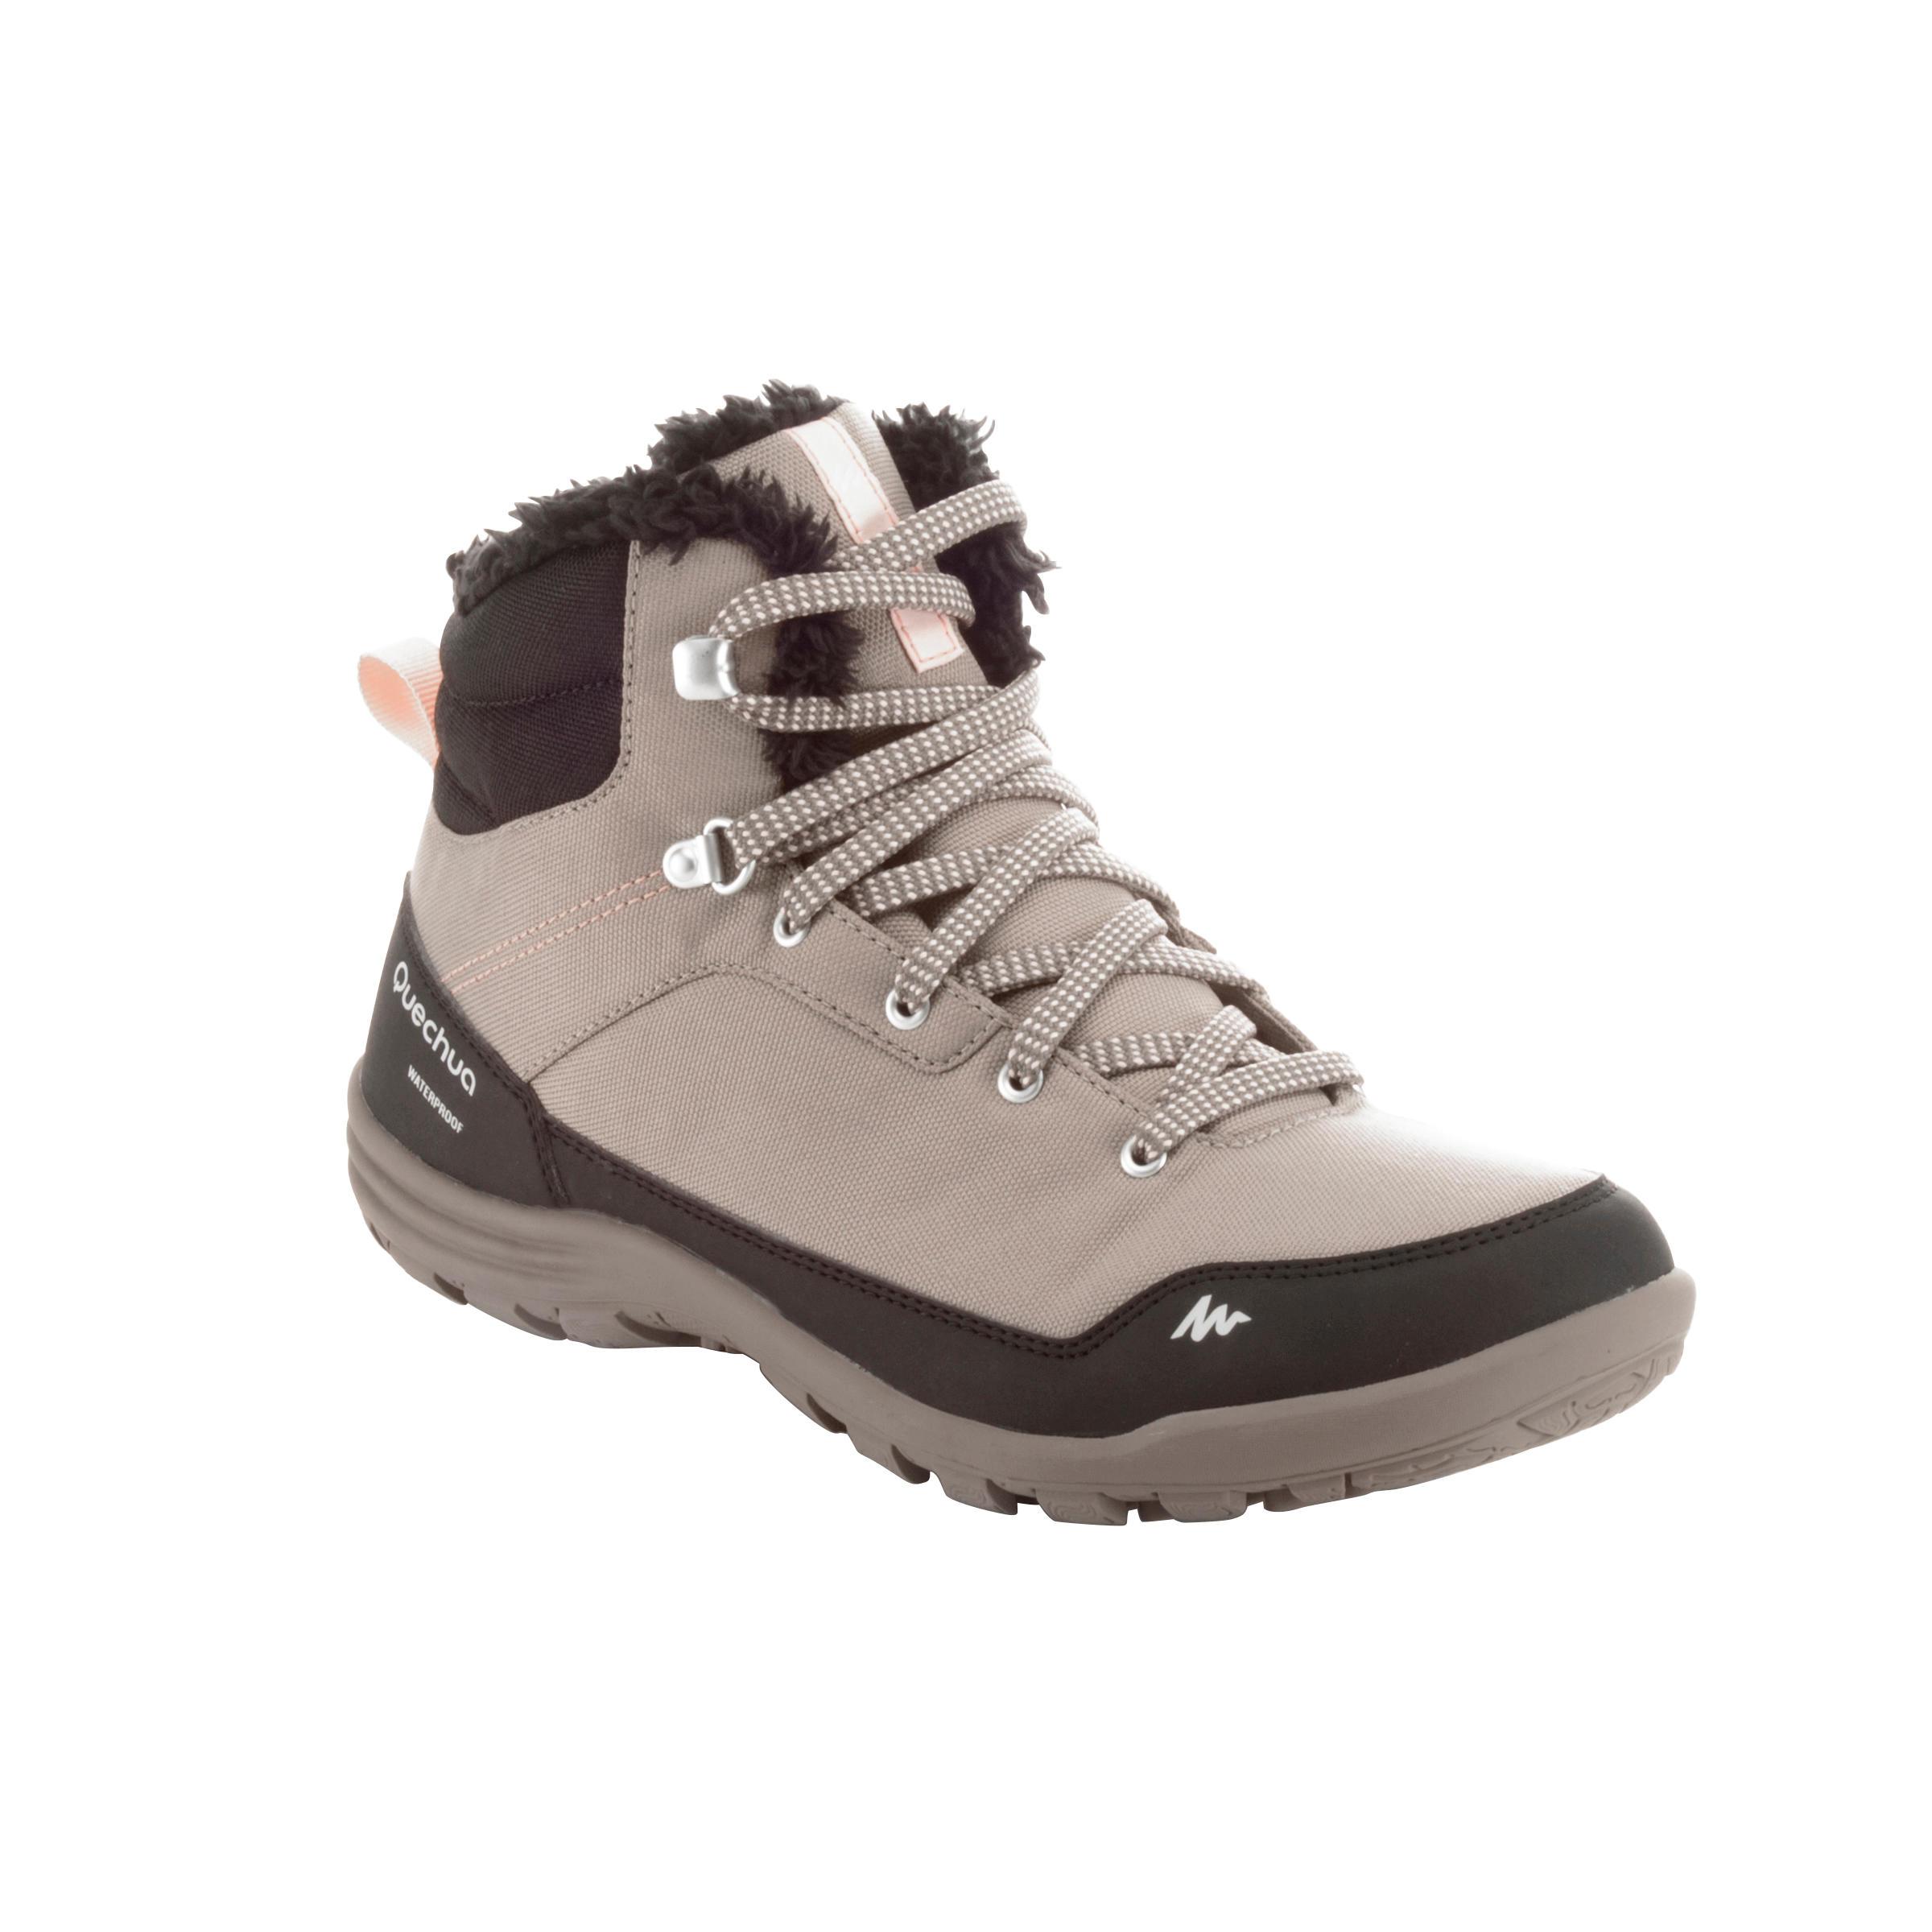 Quechua Schoenen voor wandelen in de sneeuw dames SH100 warm waterdicht thumbnail